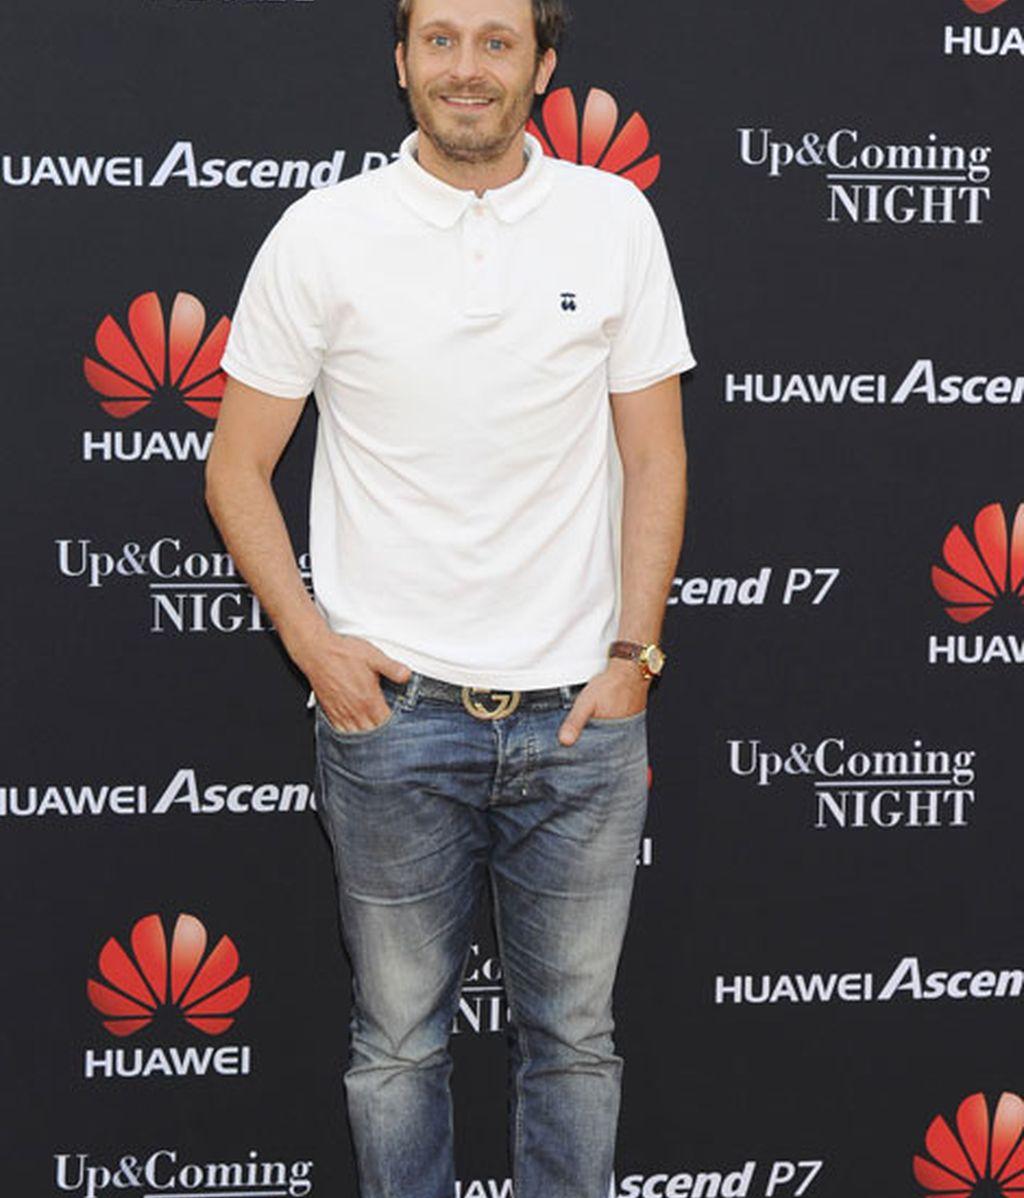 El cantante Juan Peña en el 'photocall' del evento